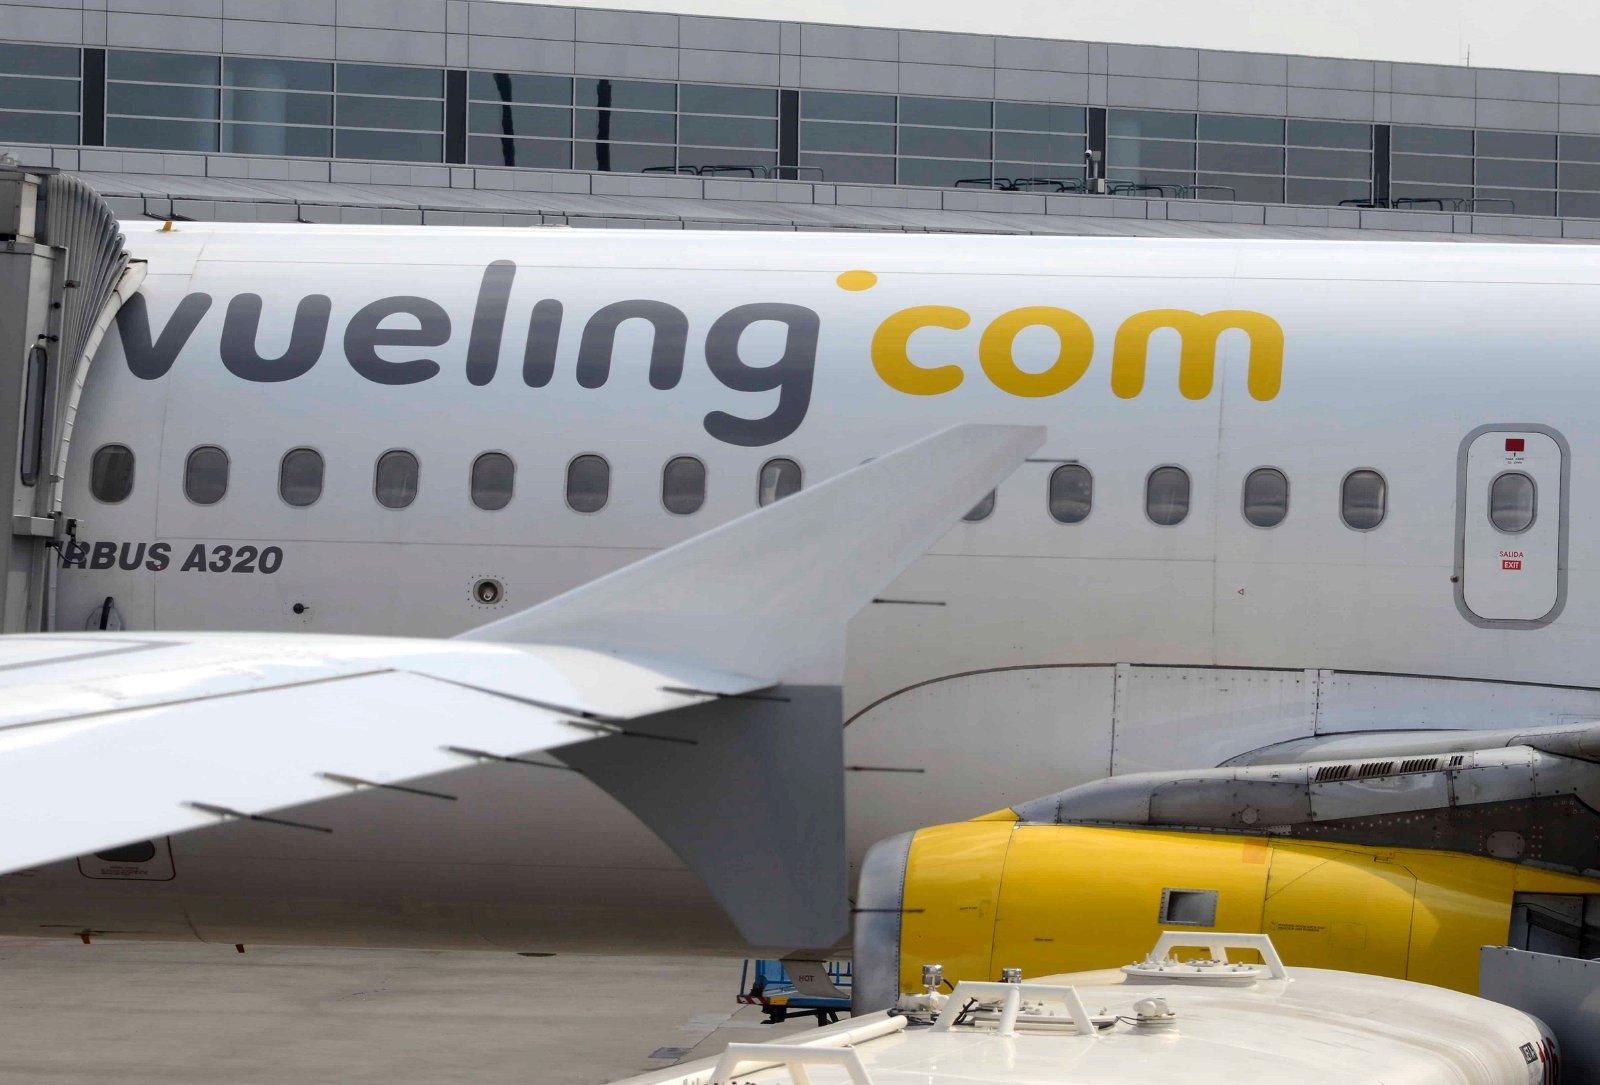 Een toestel met het logo van Vueling.